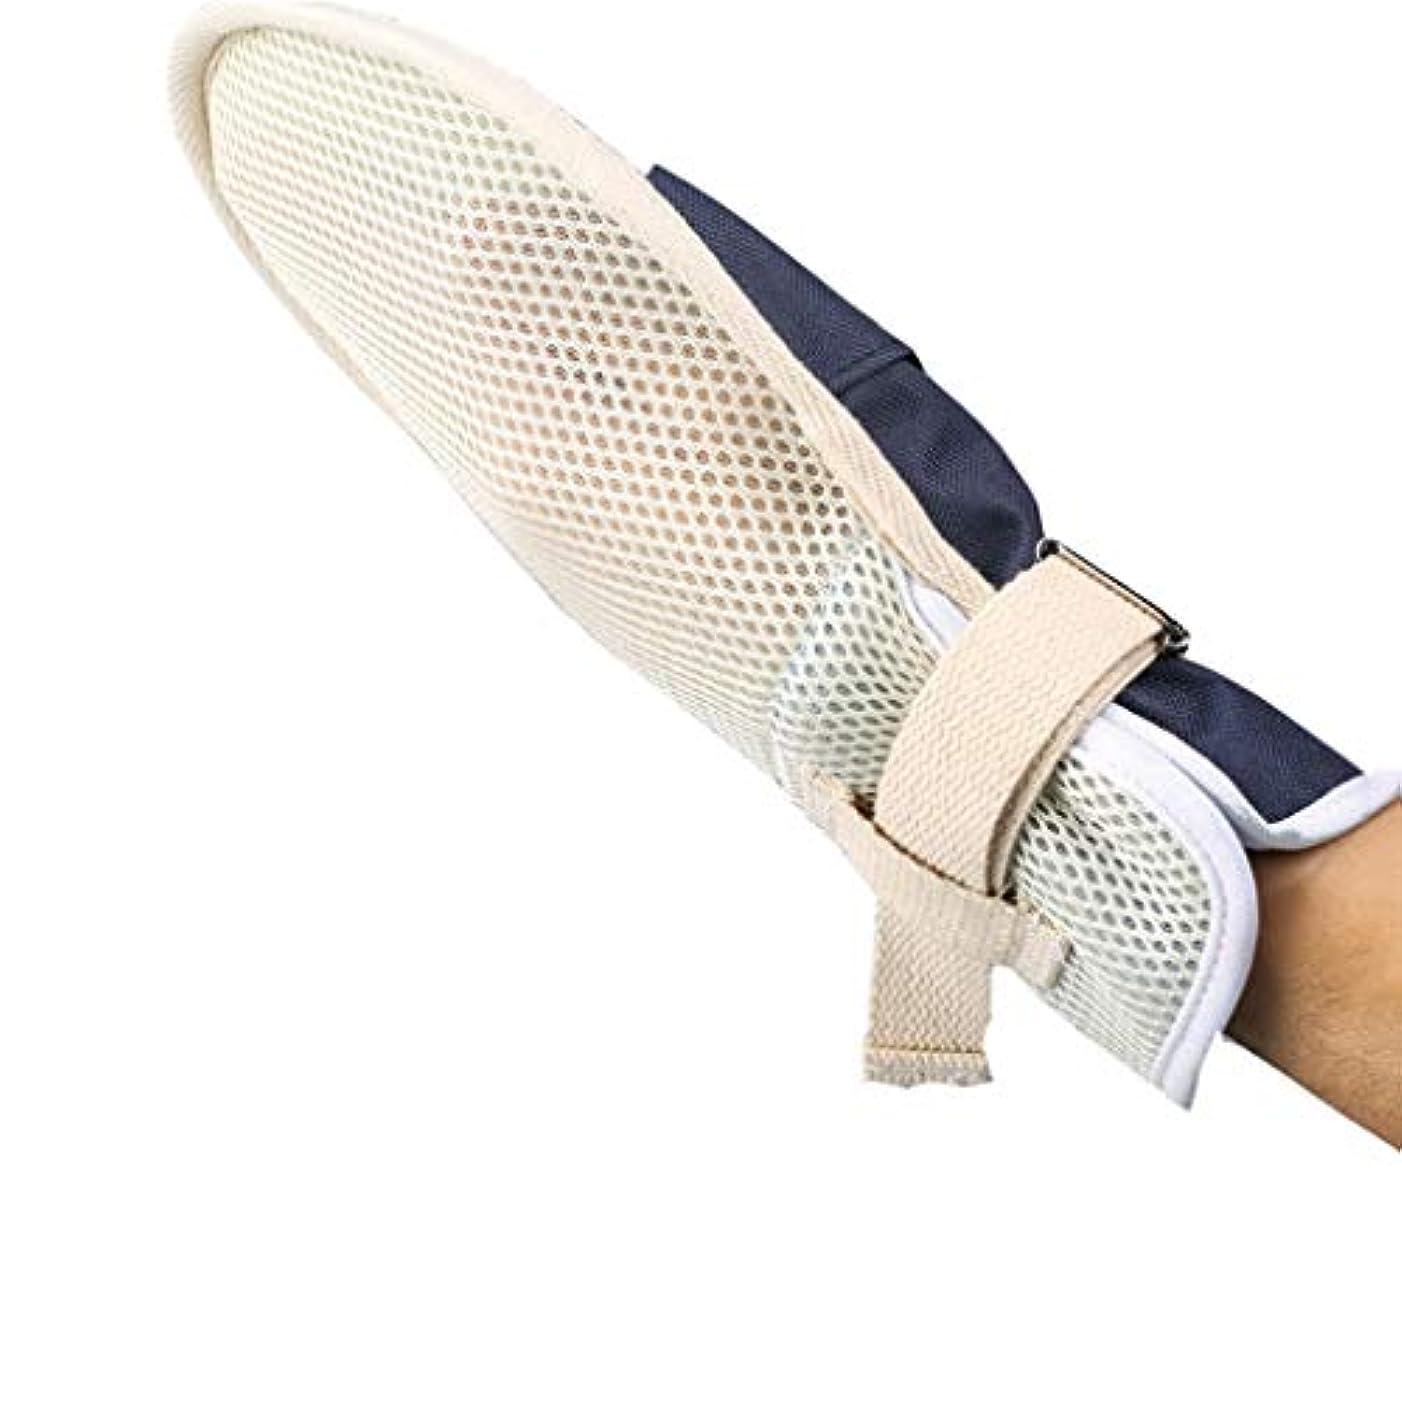 扱うオーバードロー疾患医療用拘束手袋 - Ospital医療用拘束手袋、予防患者の自己傷害